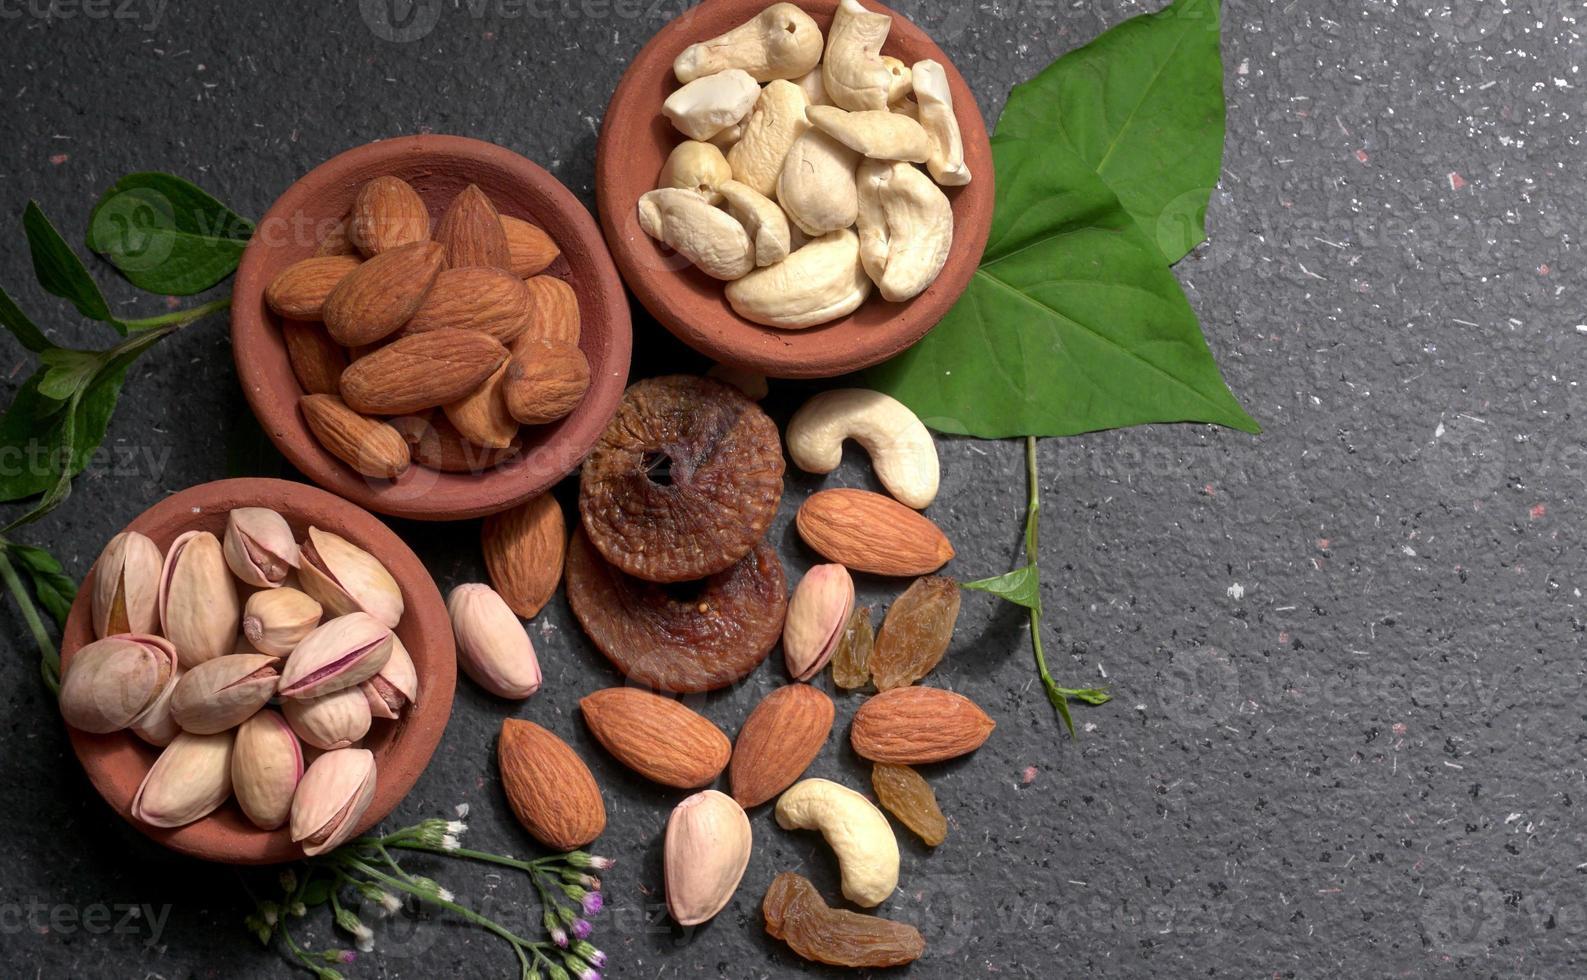 frutos secos, anacardos y almendras. concepto de alimentación saludable. foto